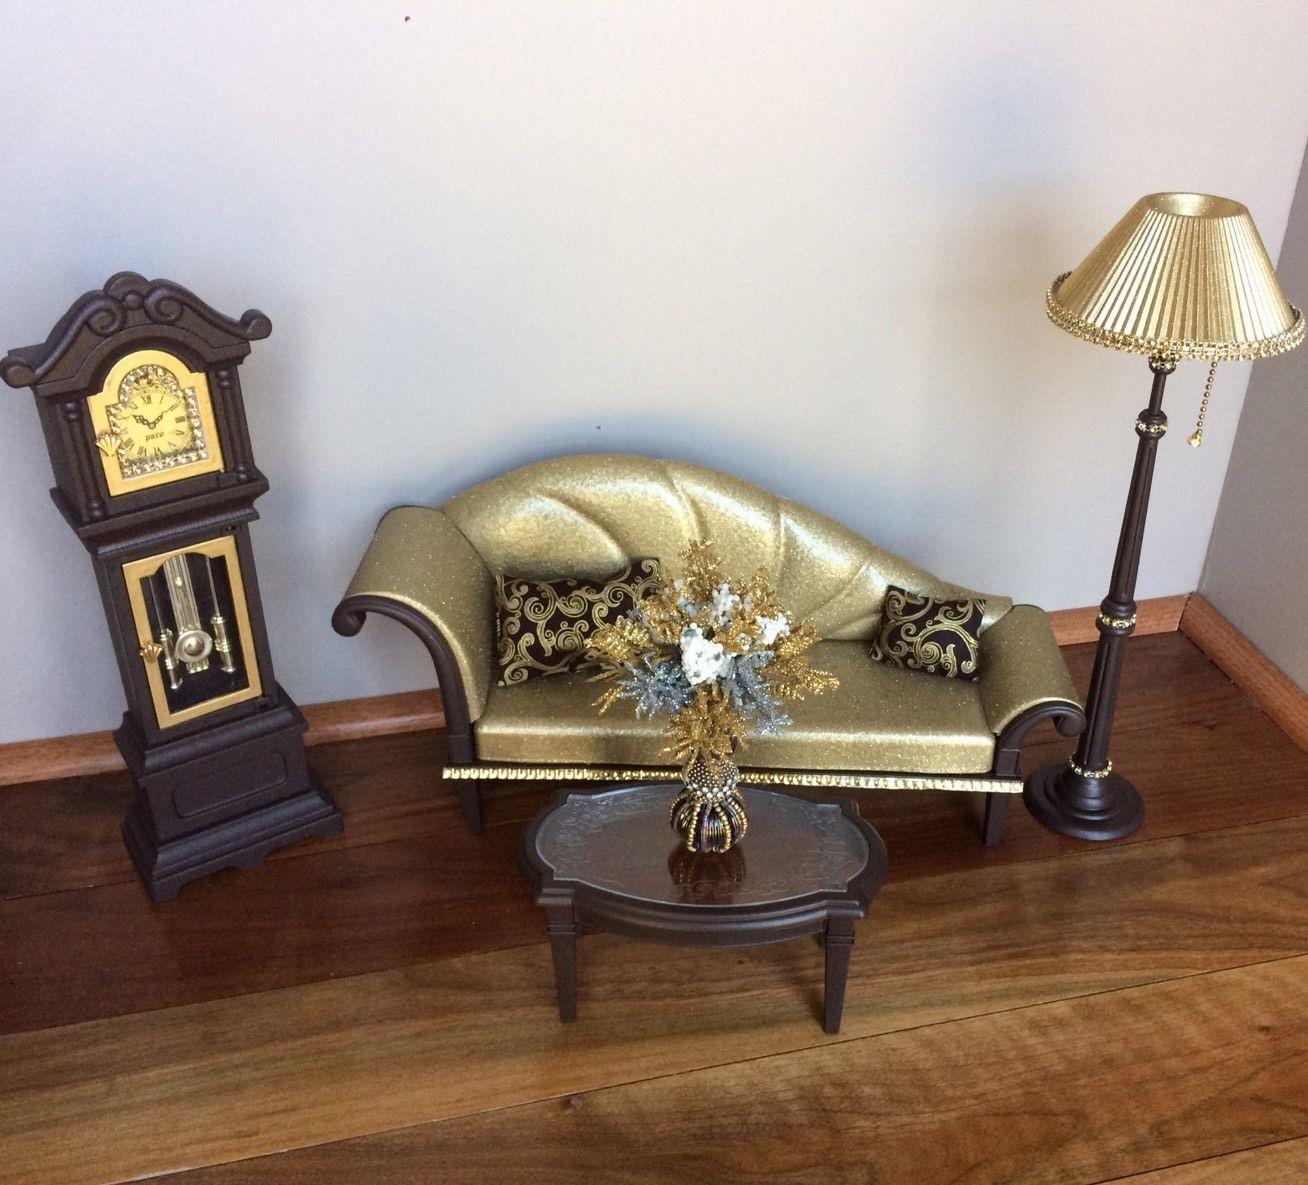 Barbie ooak furniture ken gi joe 1 6 scale living room lamp clock  accessories. Barbie ooak furniture ken gi joe 1 6 scale living room lamp clock